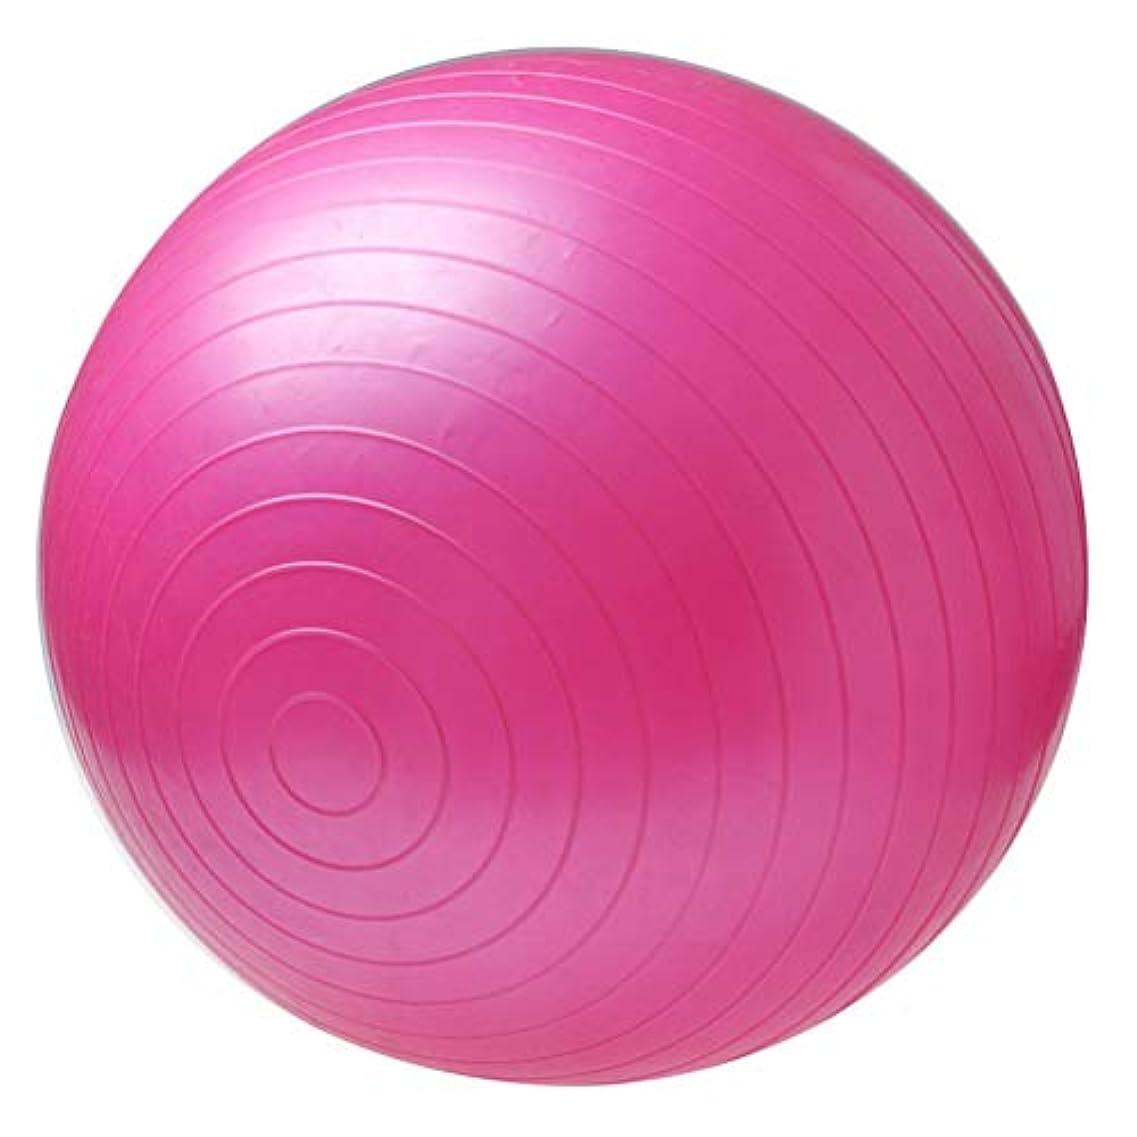 る豊富なピストル非毒性スポーツヨガボールボラピラティスフィットネスジムバランスフィットボールエクササイズピラティスワークアウトマッサージボール - ピンク75センチ